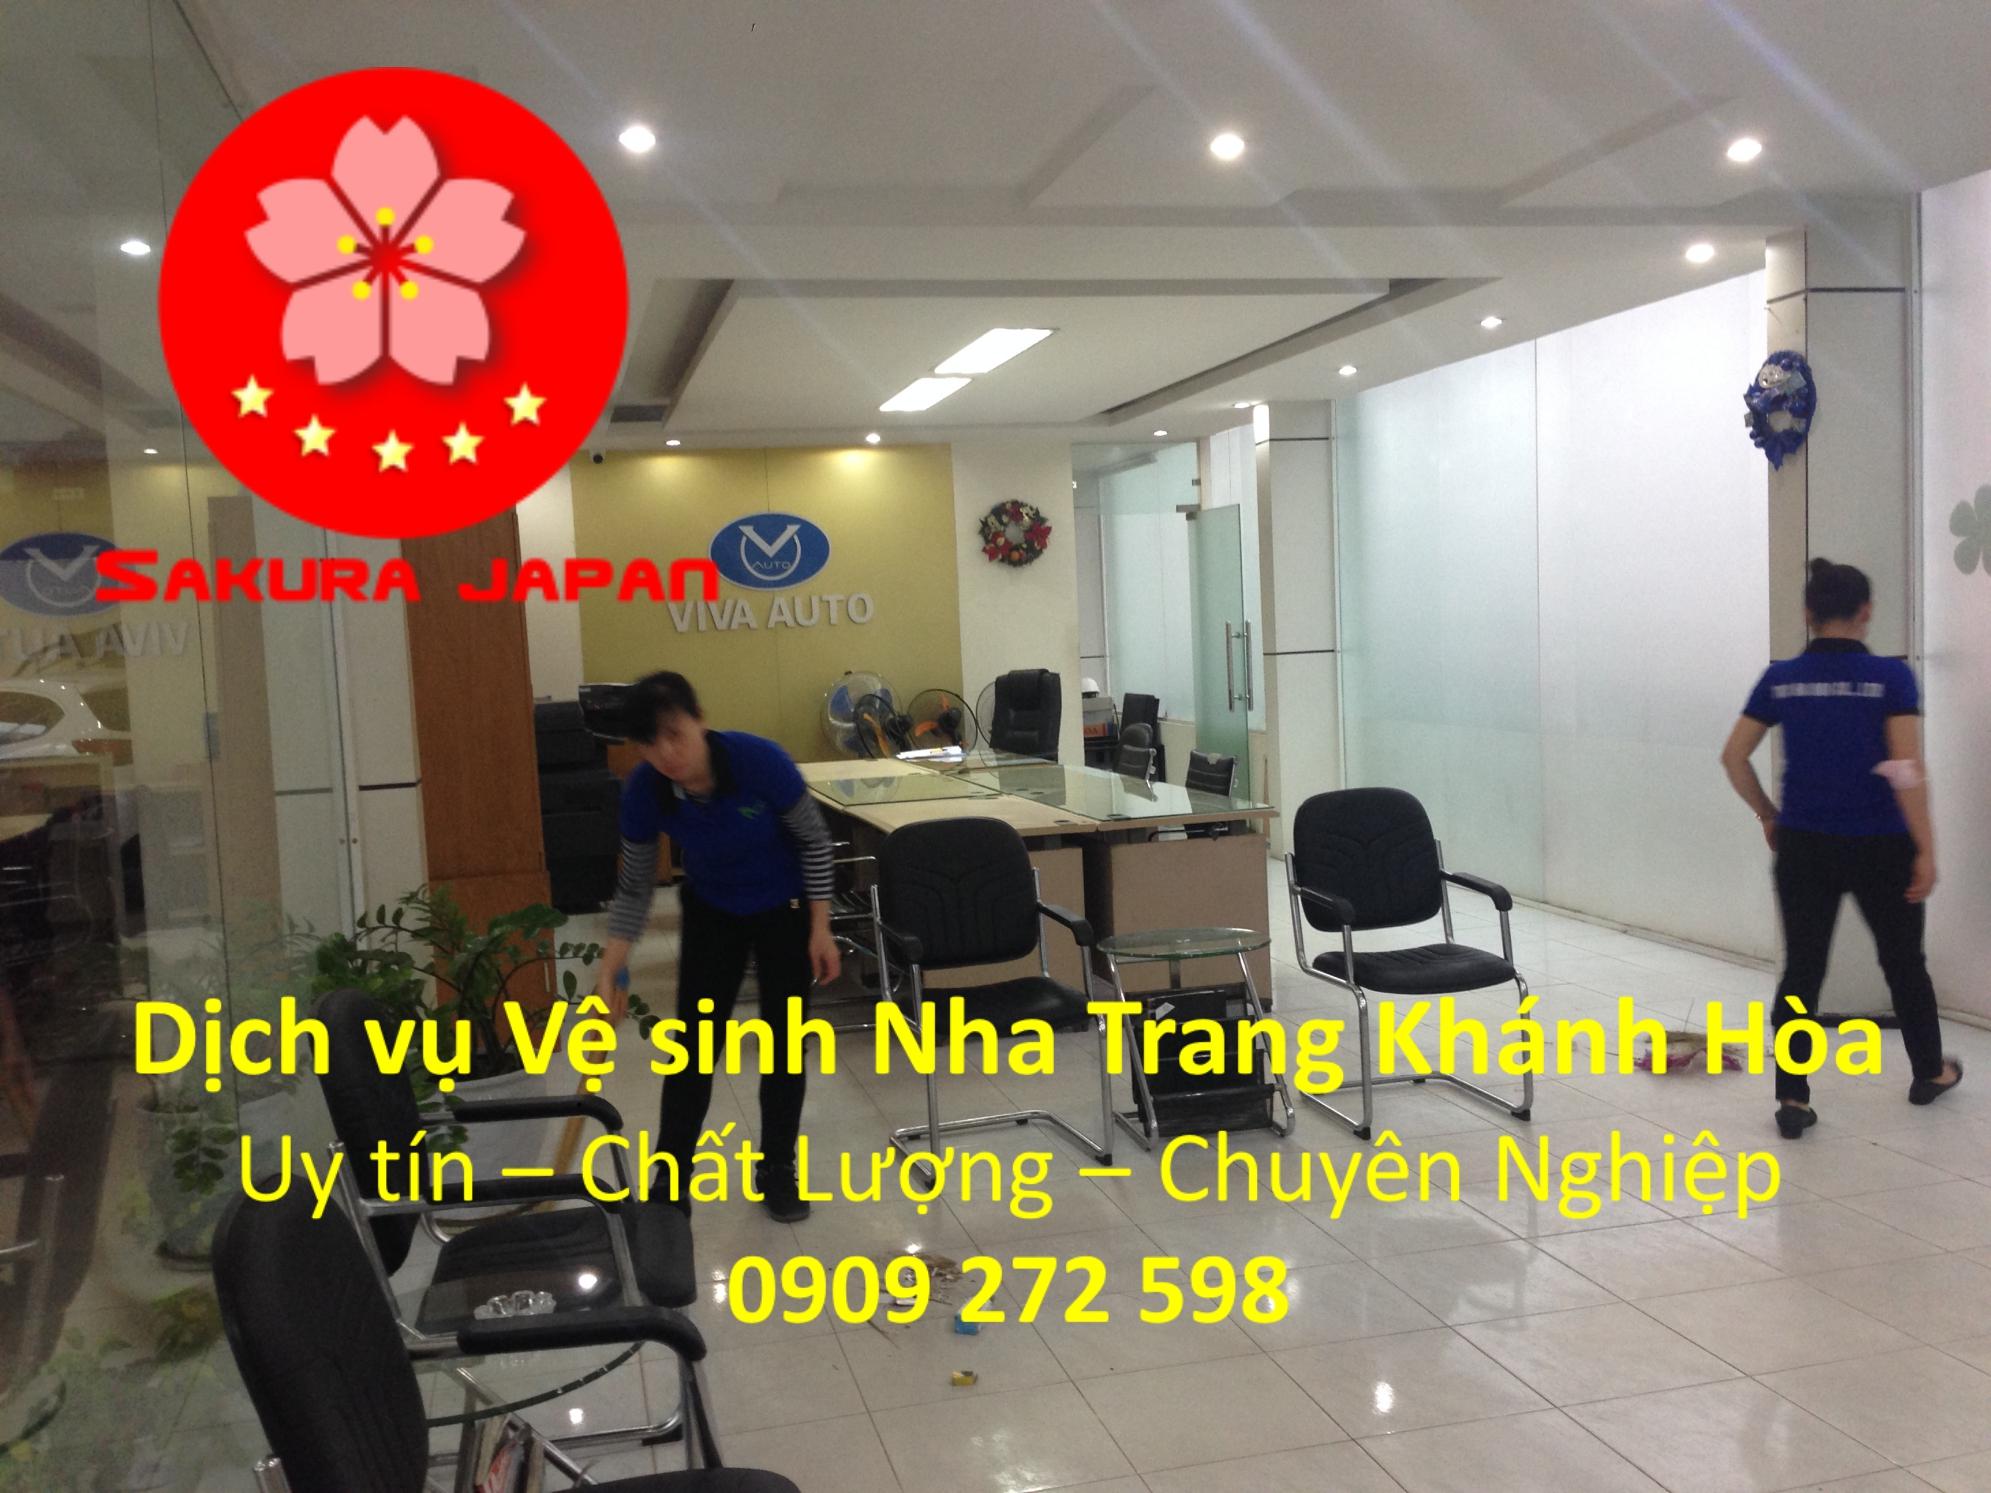 Vệ sinh Nhà Nha Trang Khánh Hòa 5